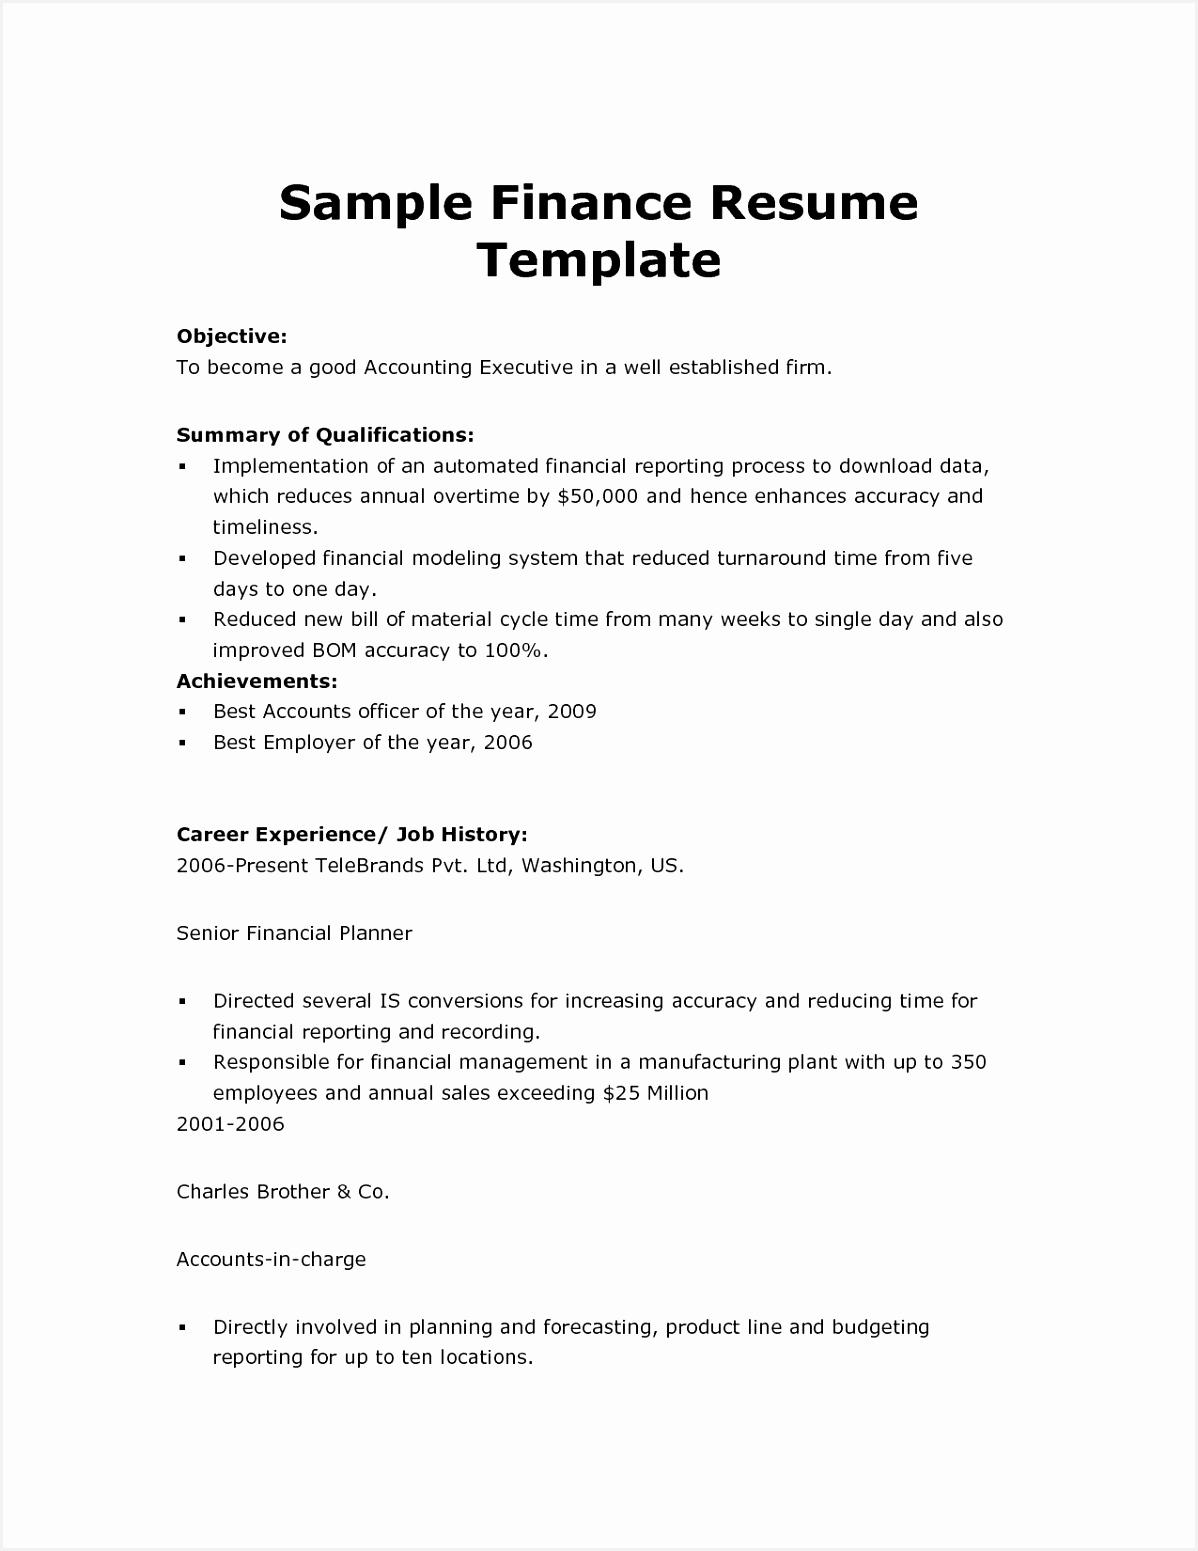 Us Resume format Professional Us Resume format Inspirational Cfo Template Actor Resumes 0d Letter 15511198vvhkf